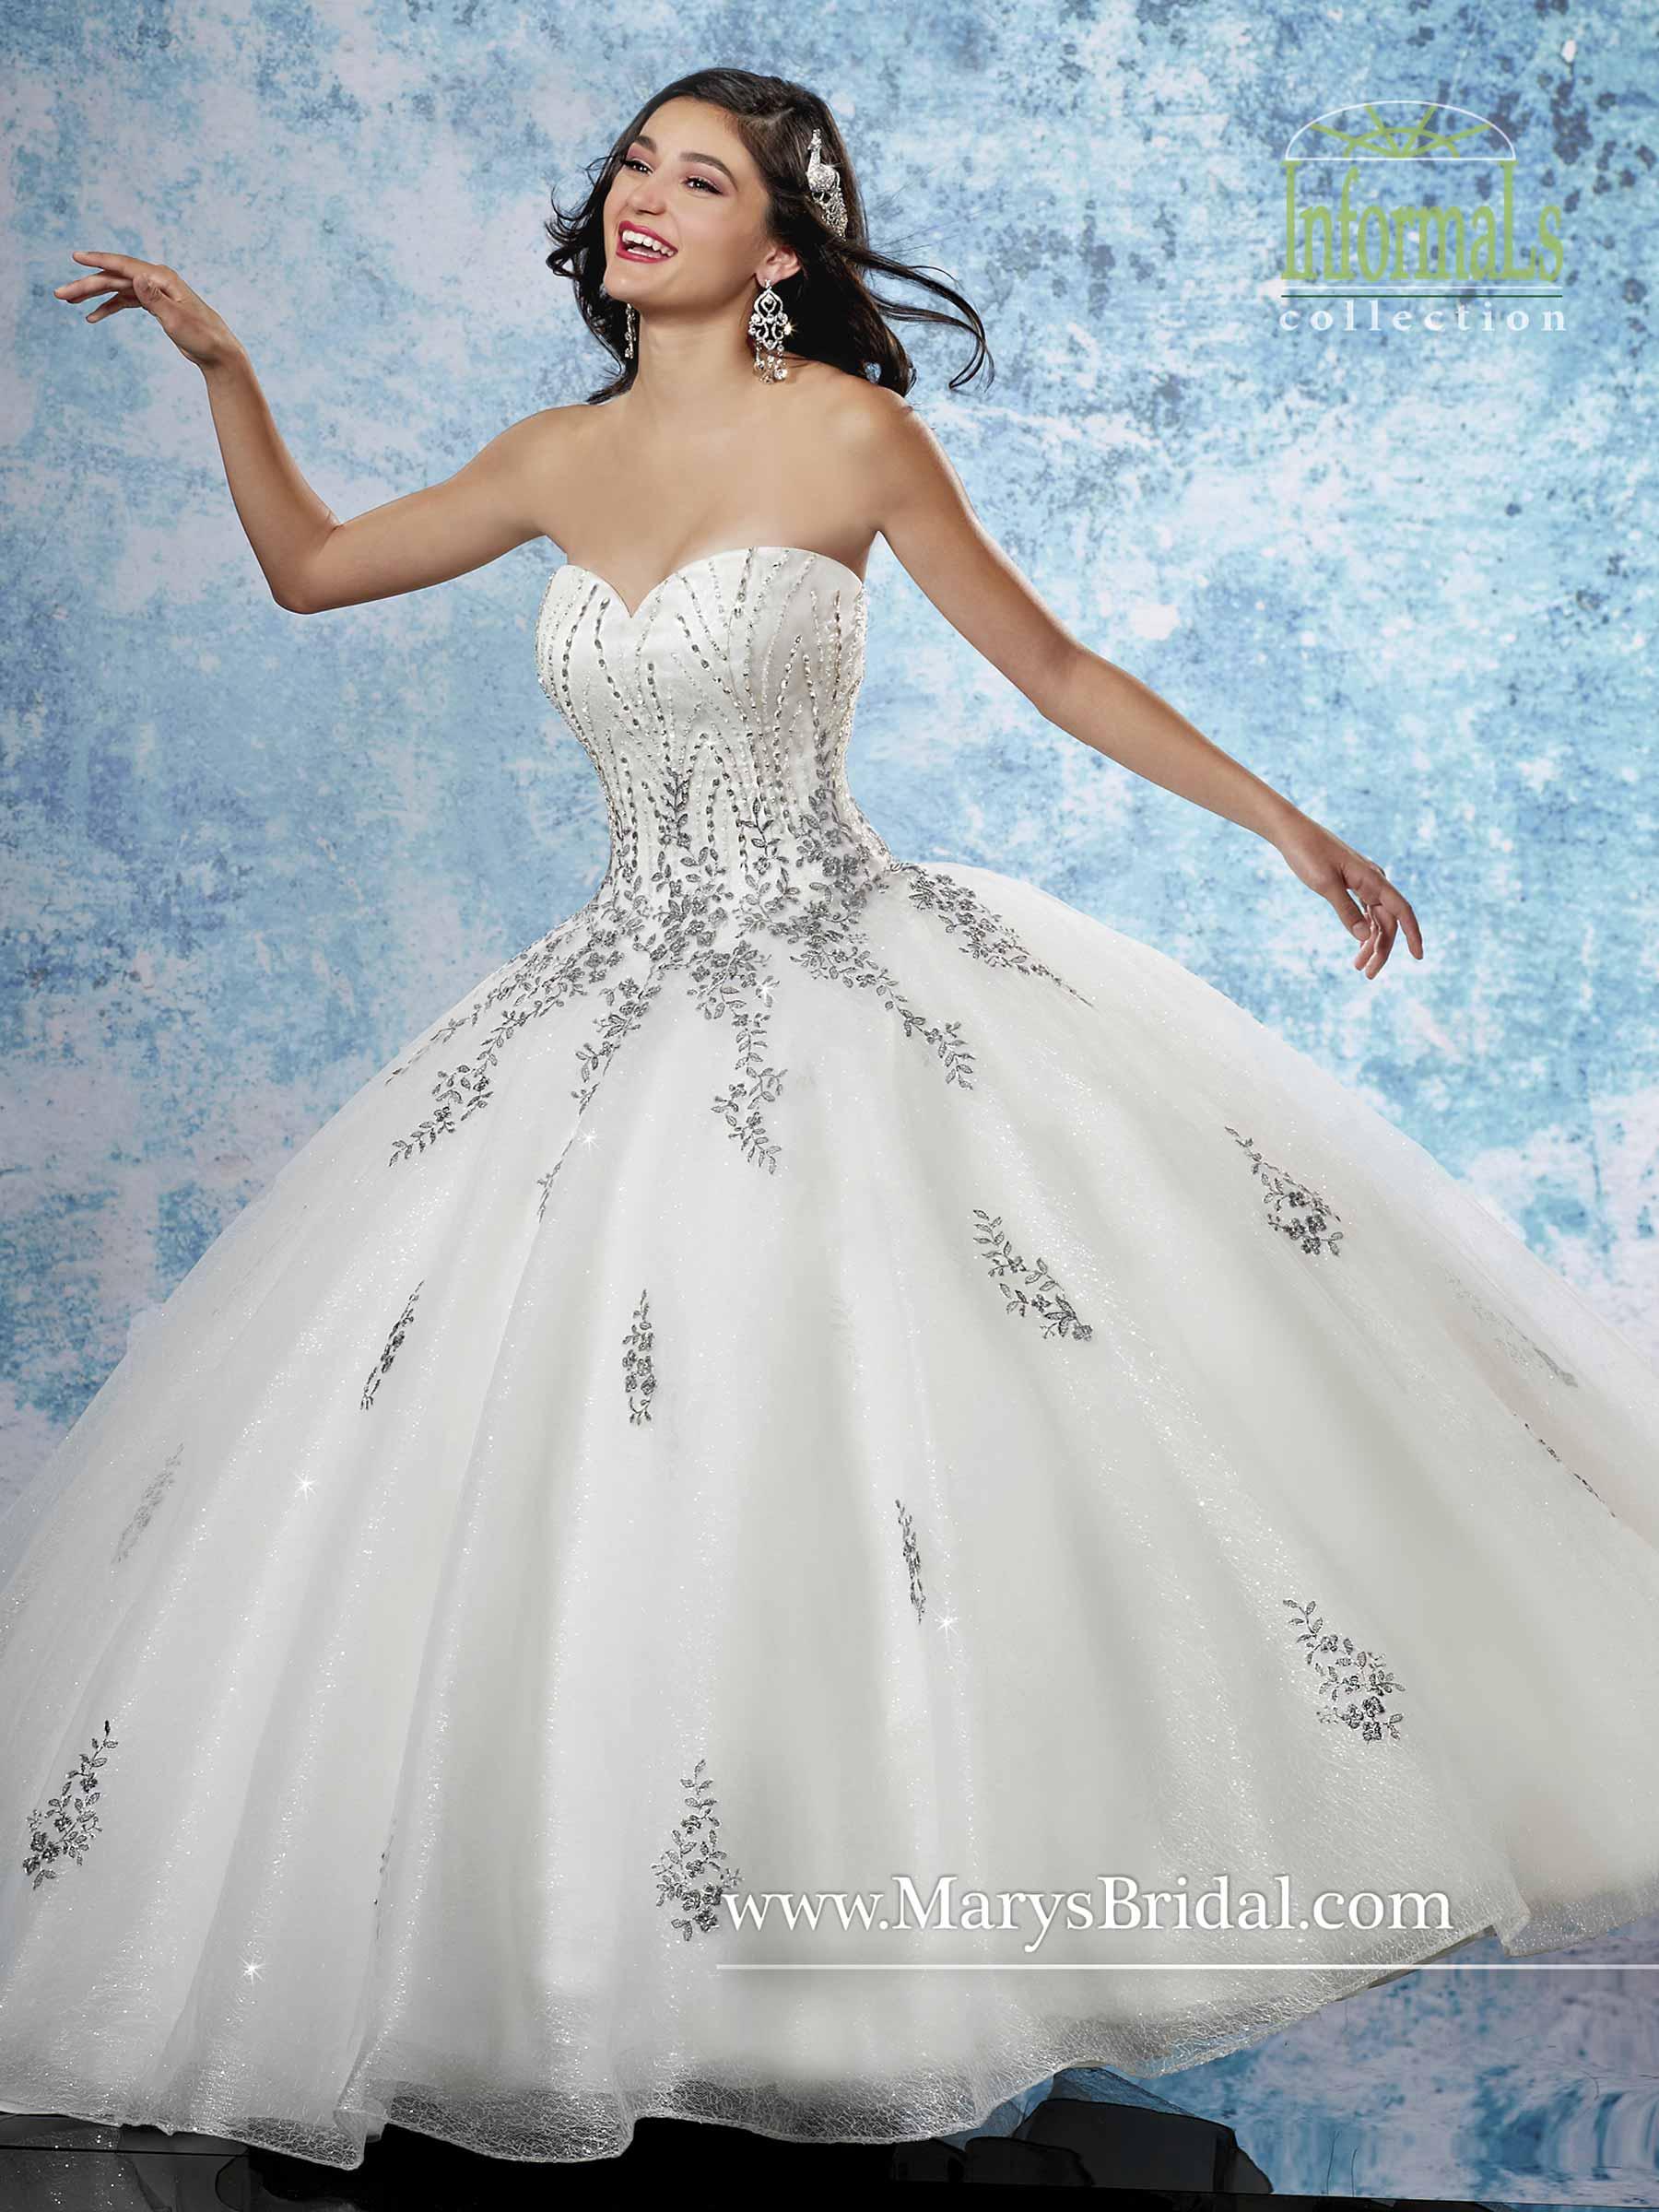 2B802-marys bridal